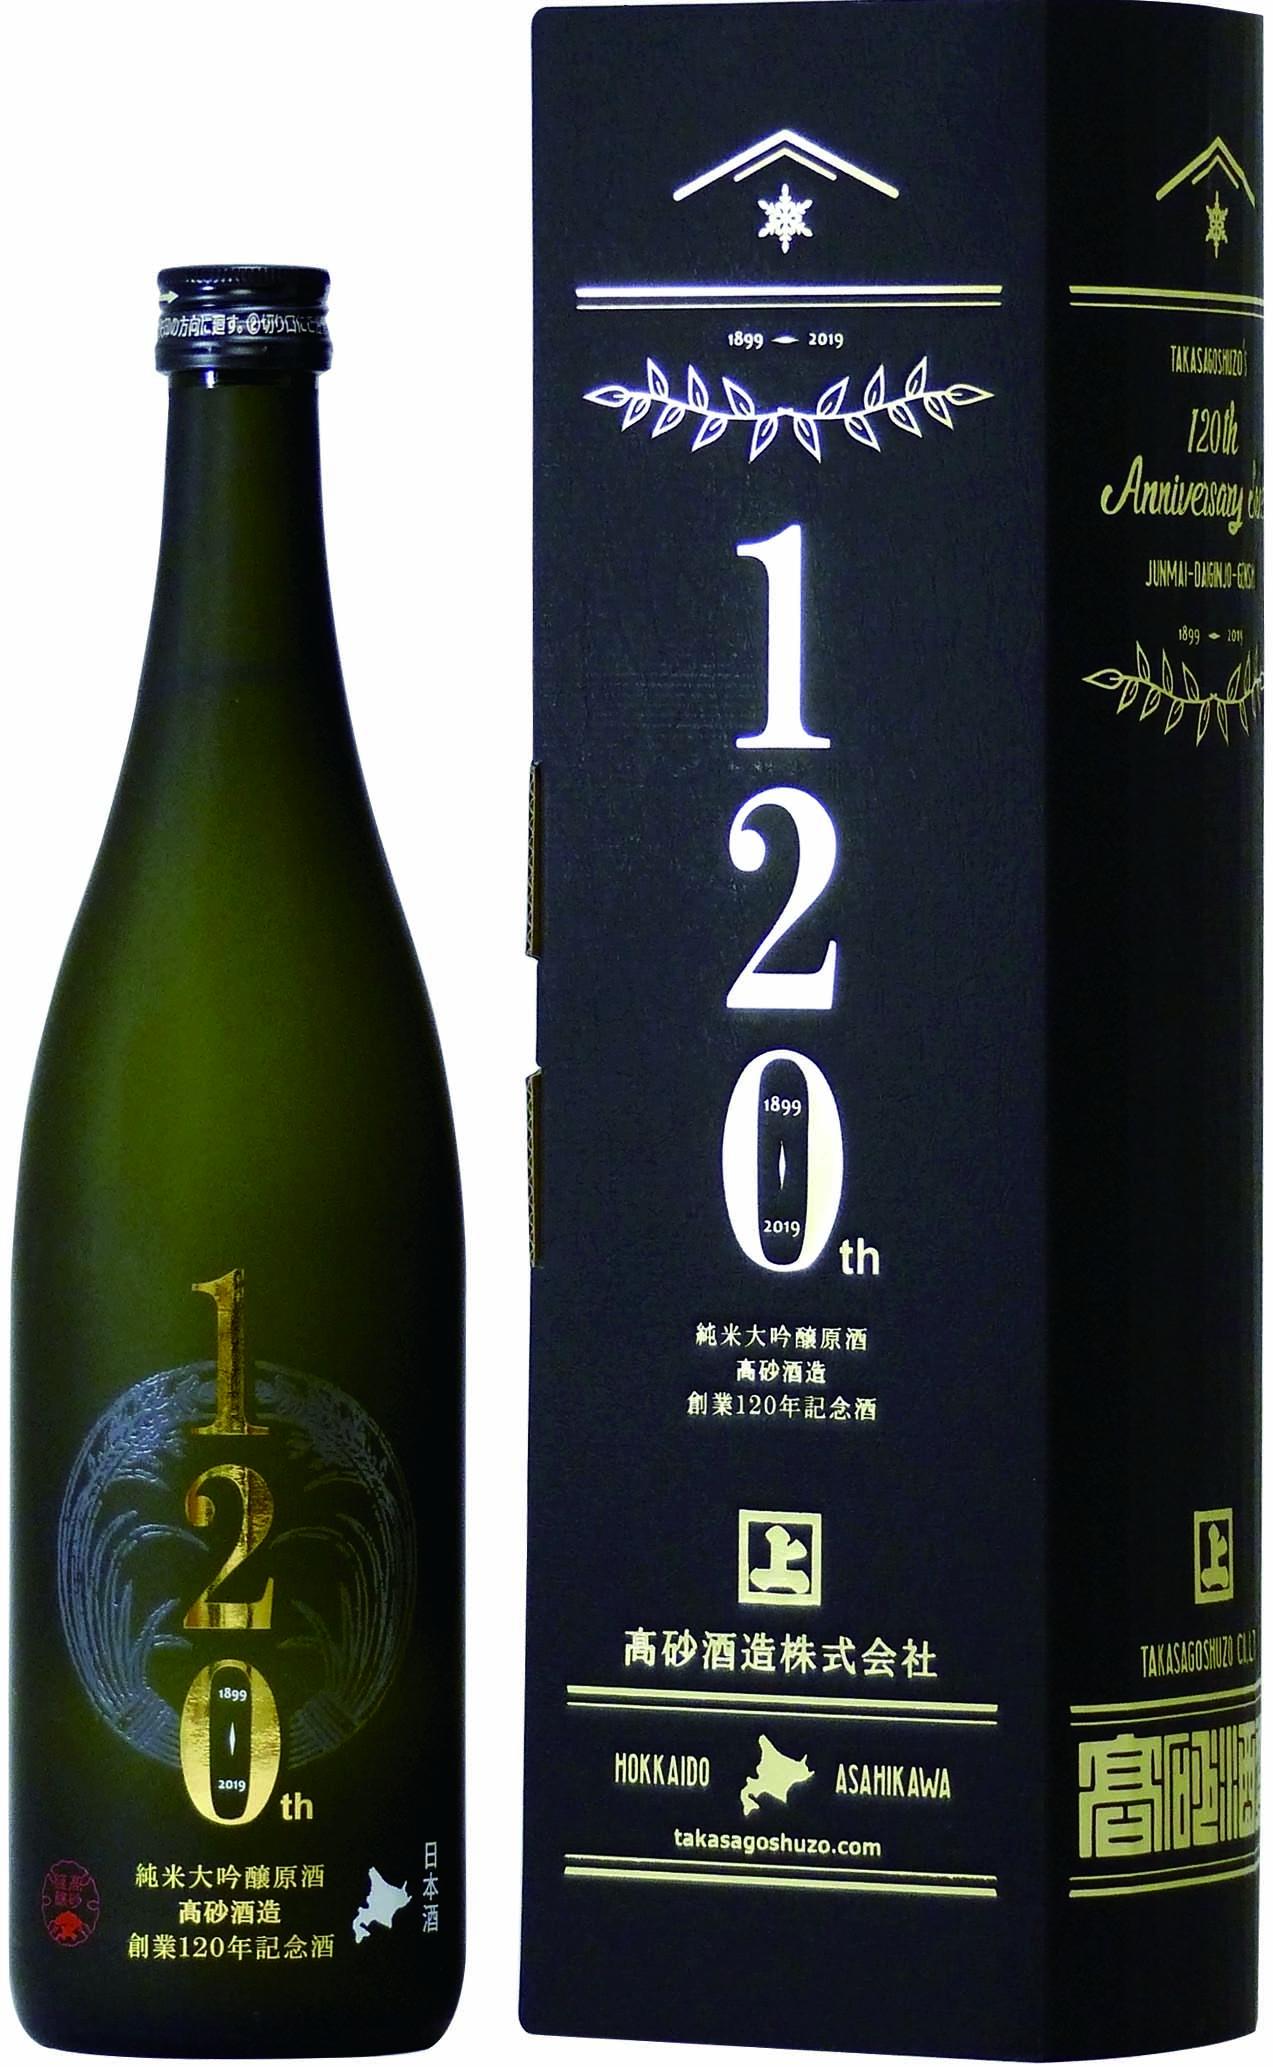 高砂酒造 純米大吟醸原酒 創業120年記念酒